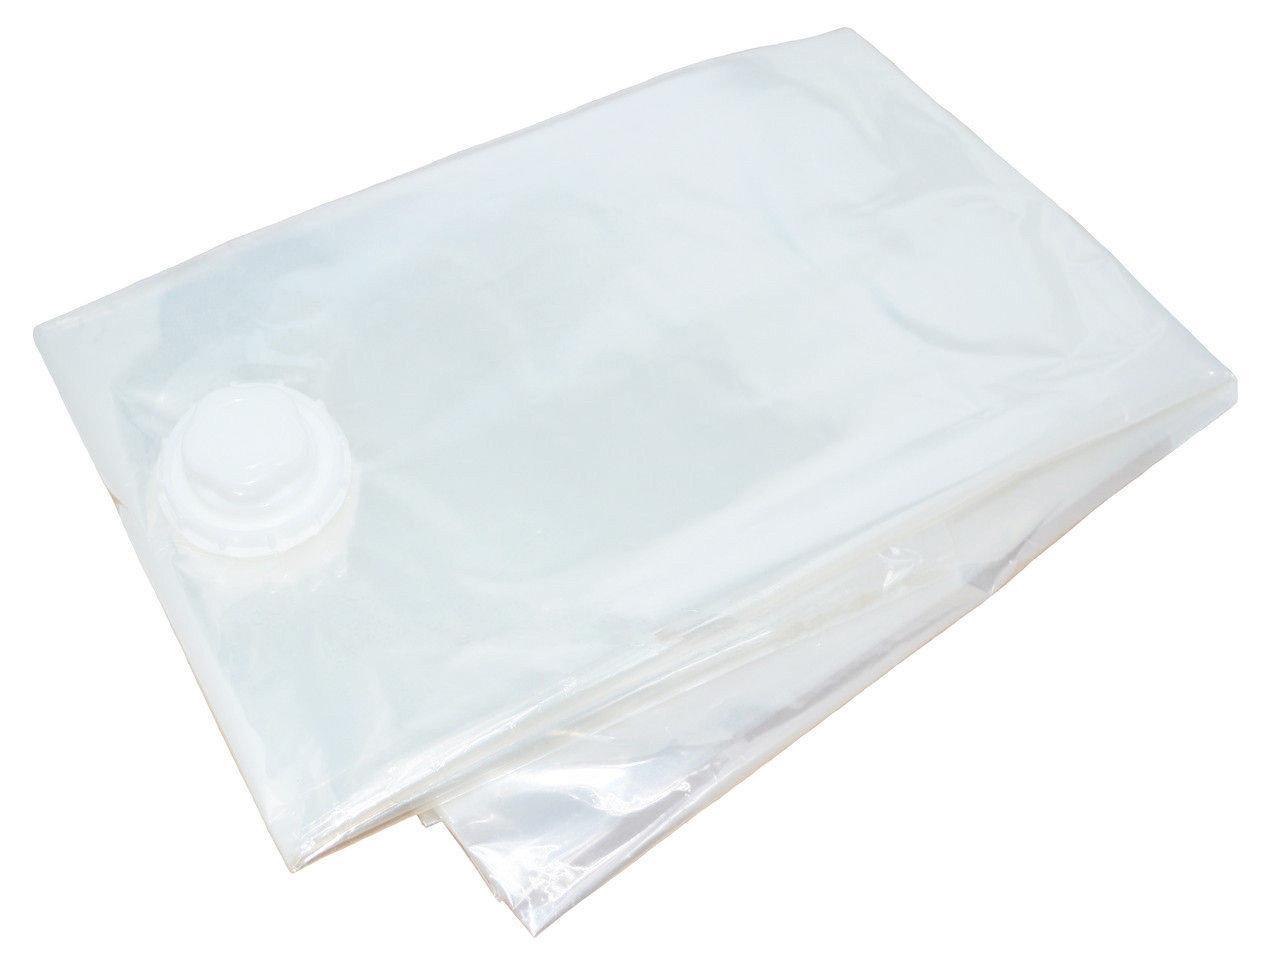 5шт Вакуумні пакети для зберігання одягу прозорі розмір 80 * 120 вакуумні пакети для зберігання речей вакуумні пакети від пилососа